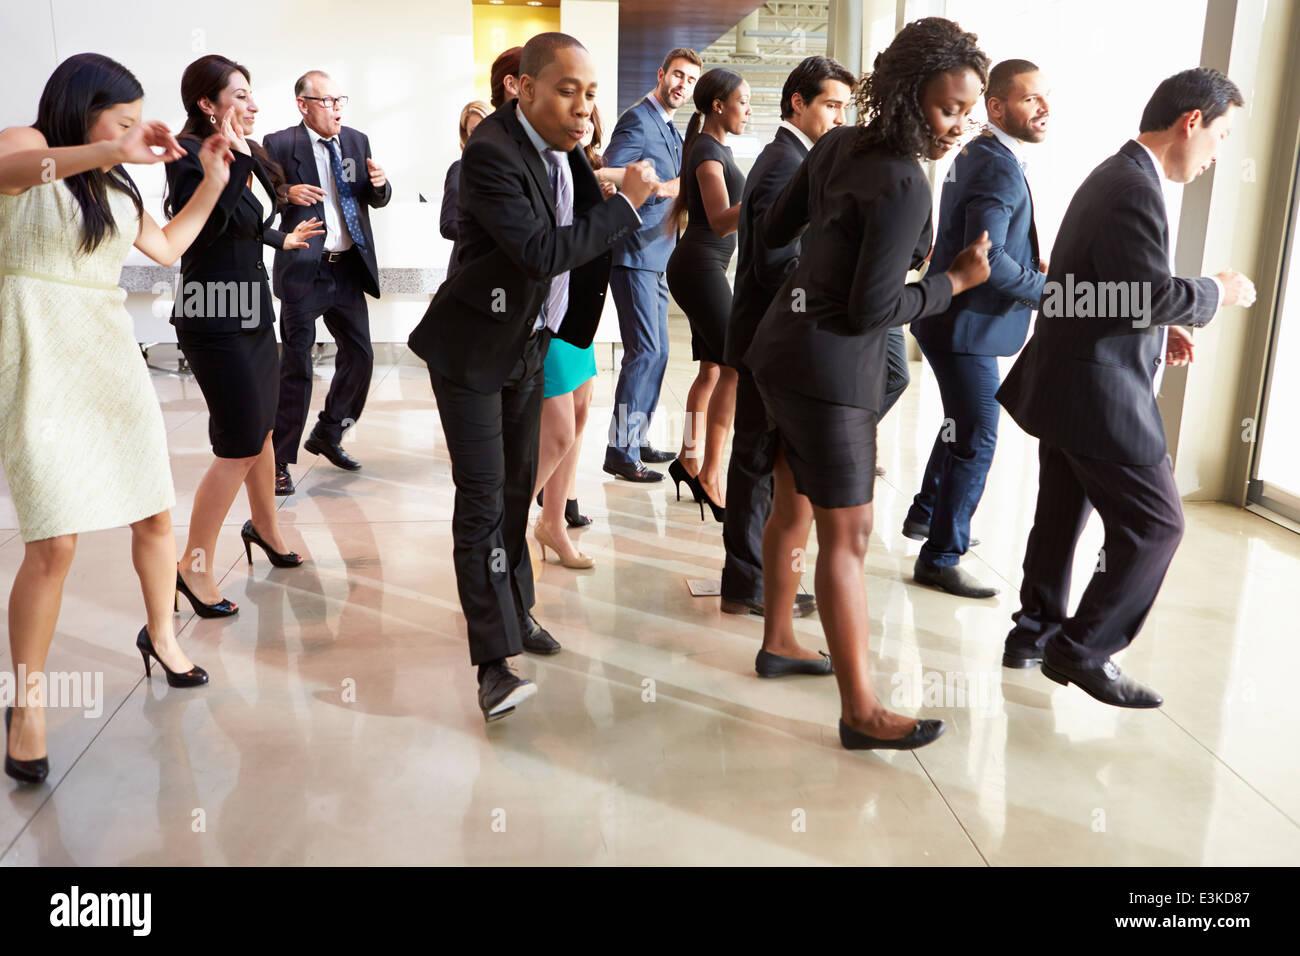 Hommes et de femmes d'affaires et la danse In Office Lobby Photo Stock